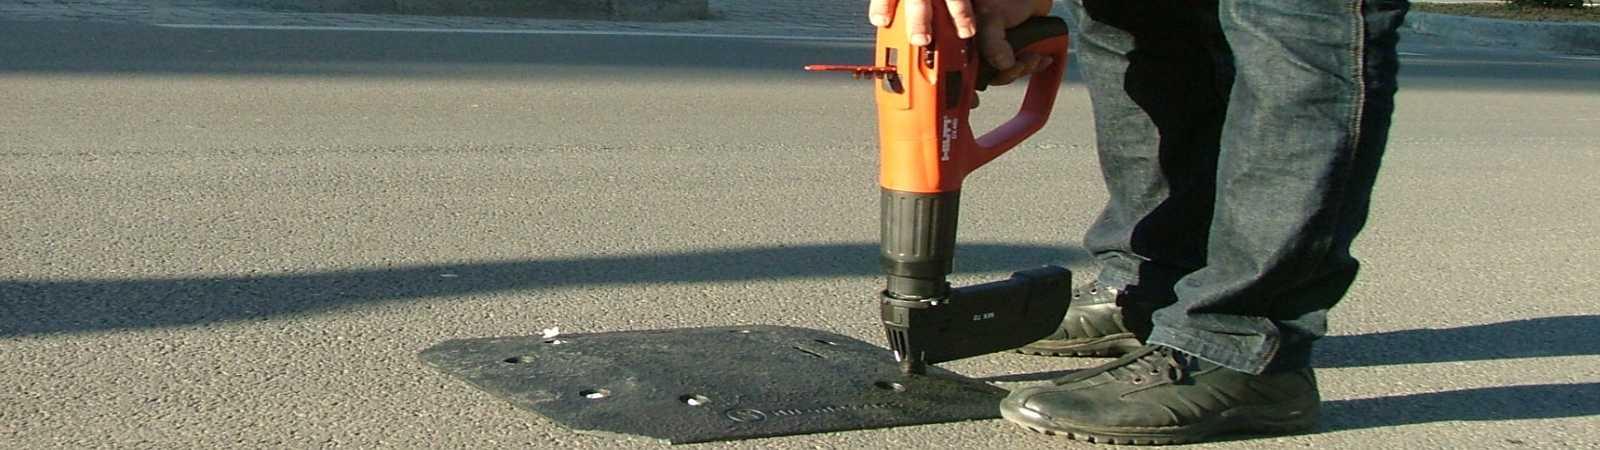 rilievi automatici del traffico stradale e delle velocita'  istantanee a carattere temporaneo con piastre ad induzione magnetica VMI